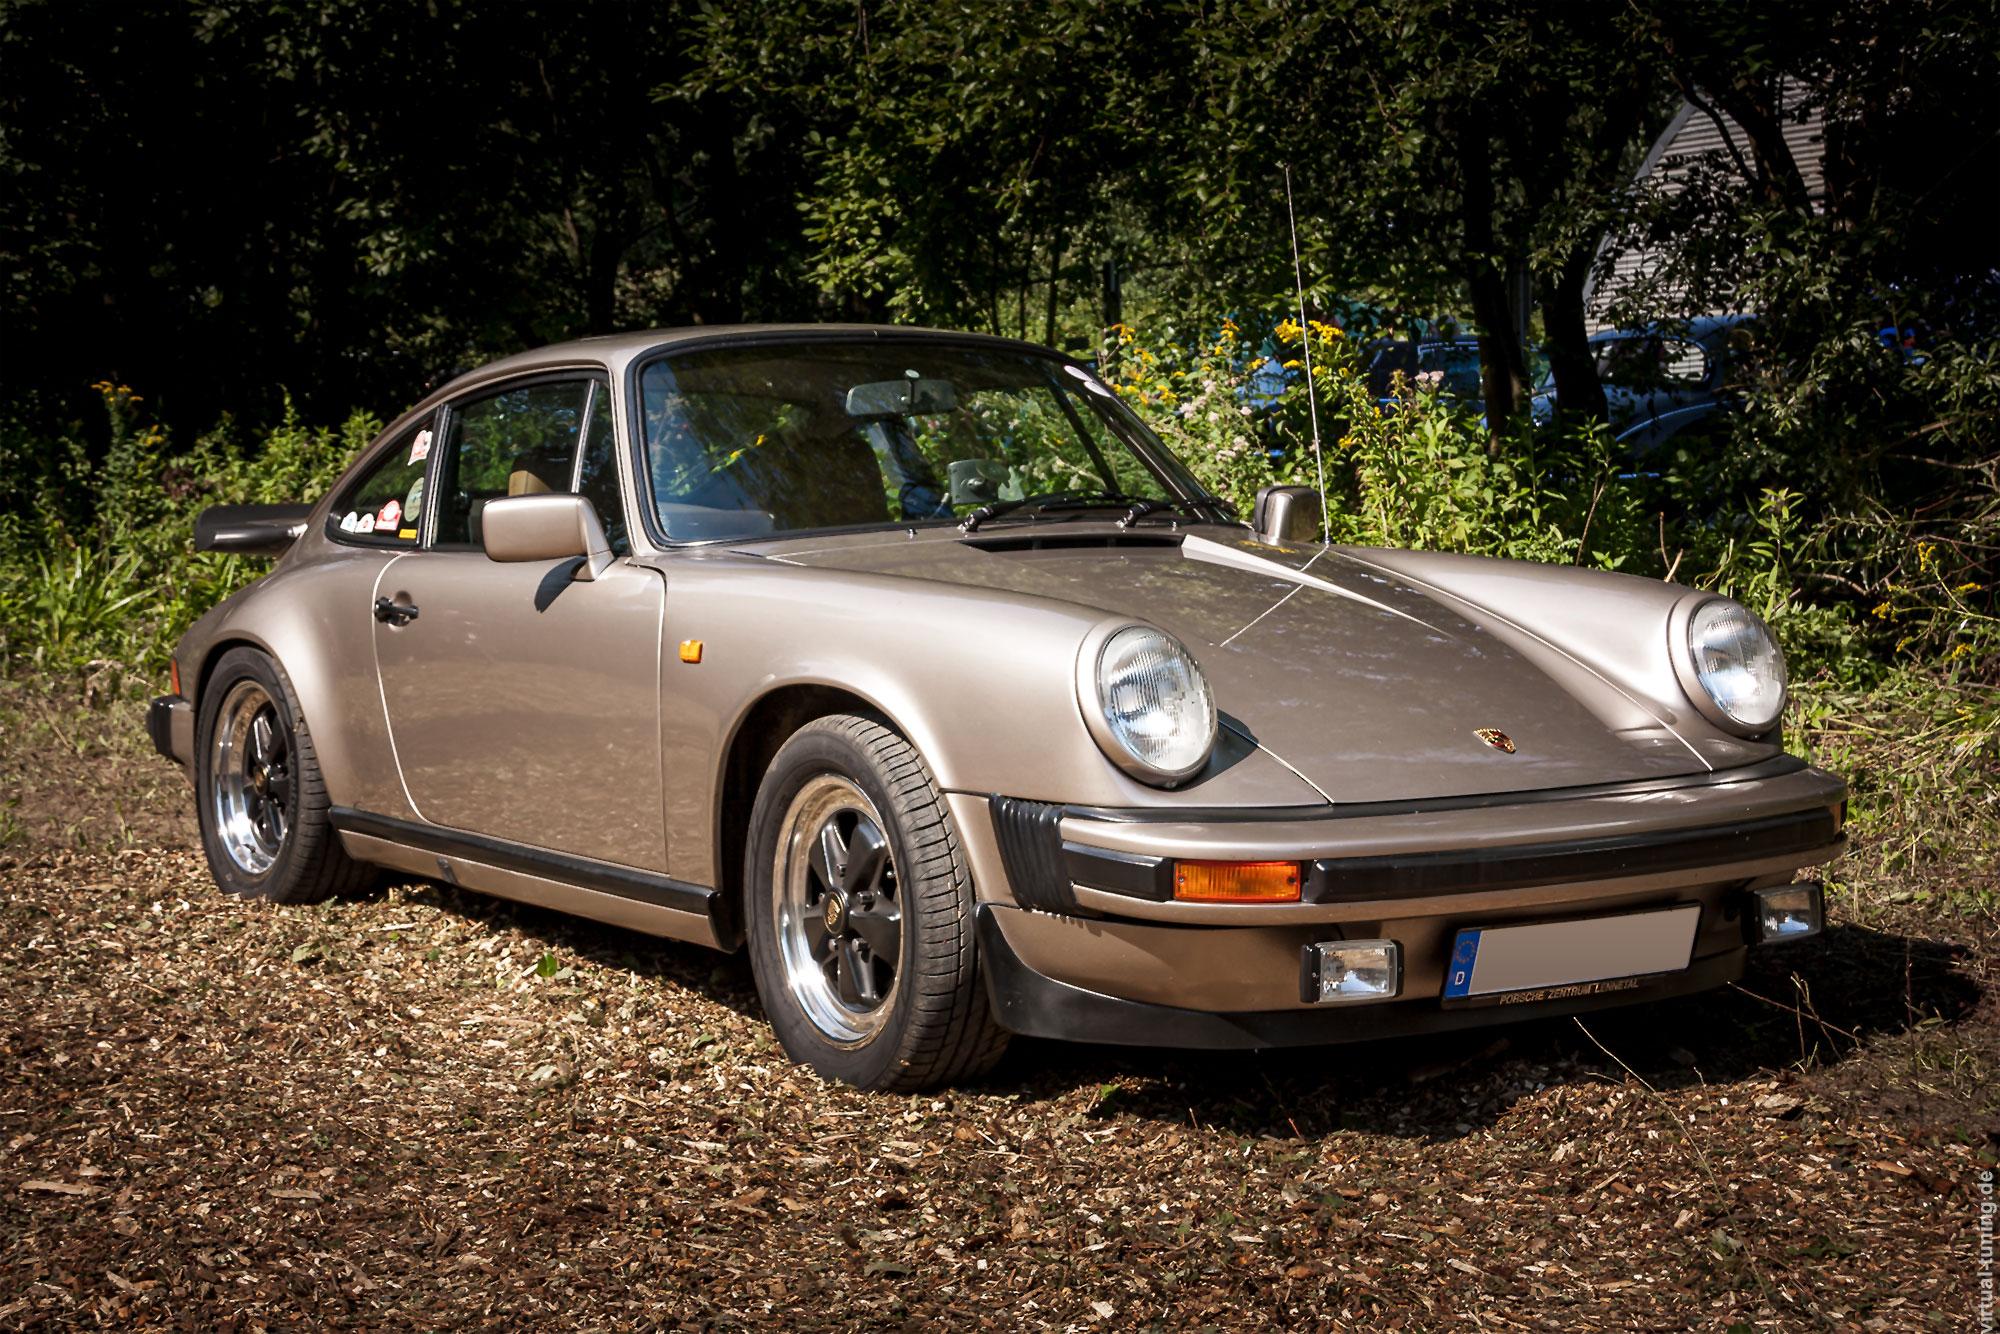 Porsche 911 - Oldtimer Treffen in Dortmund-Husen